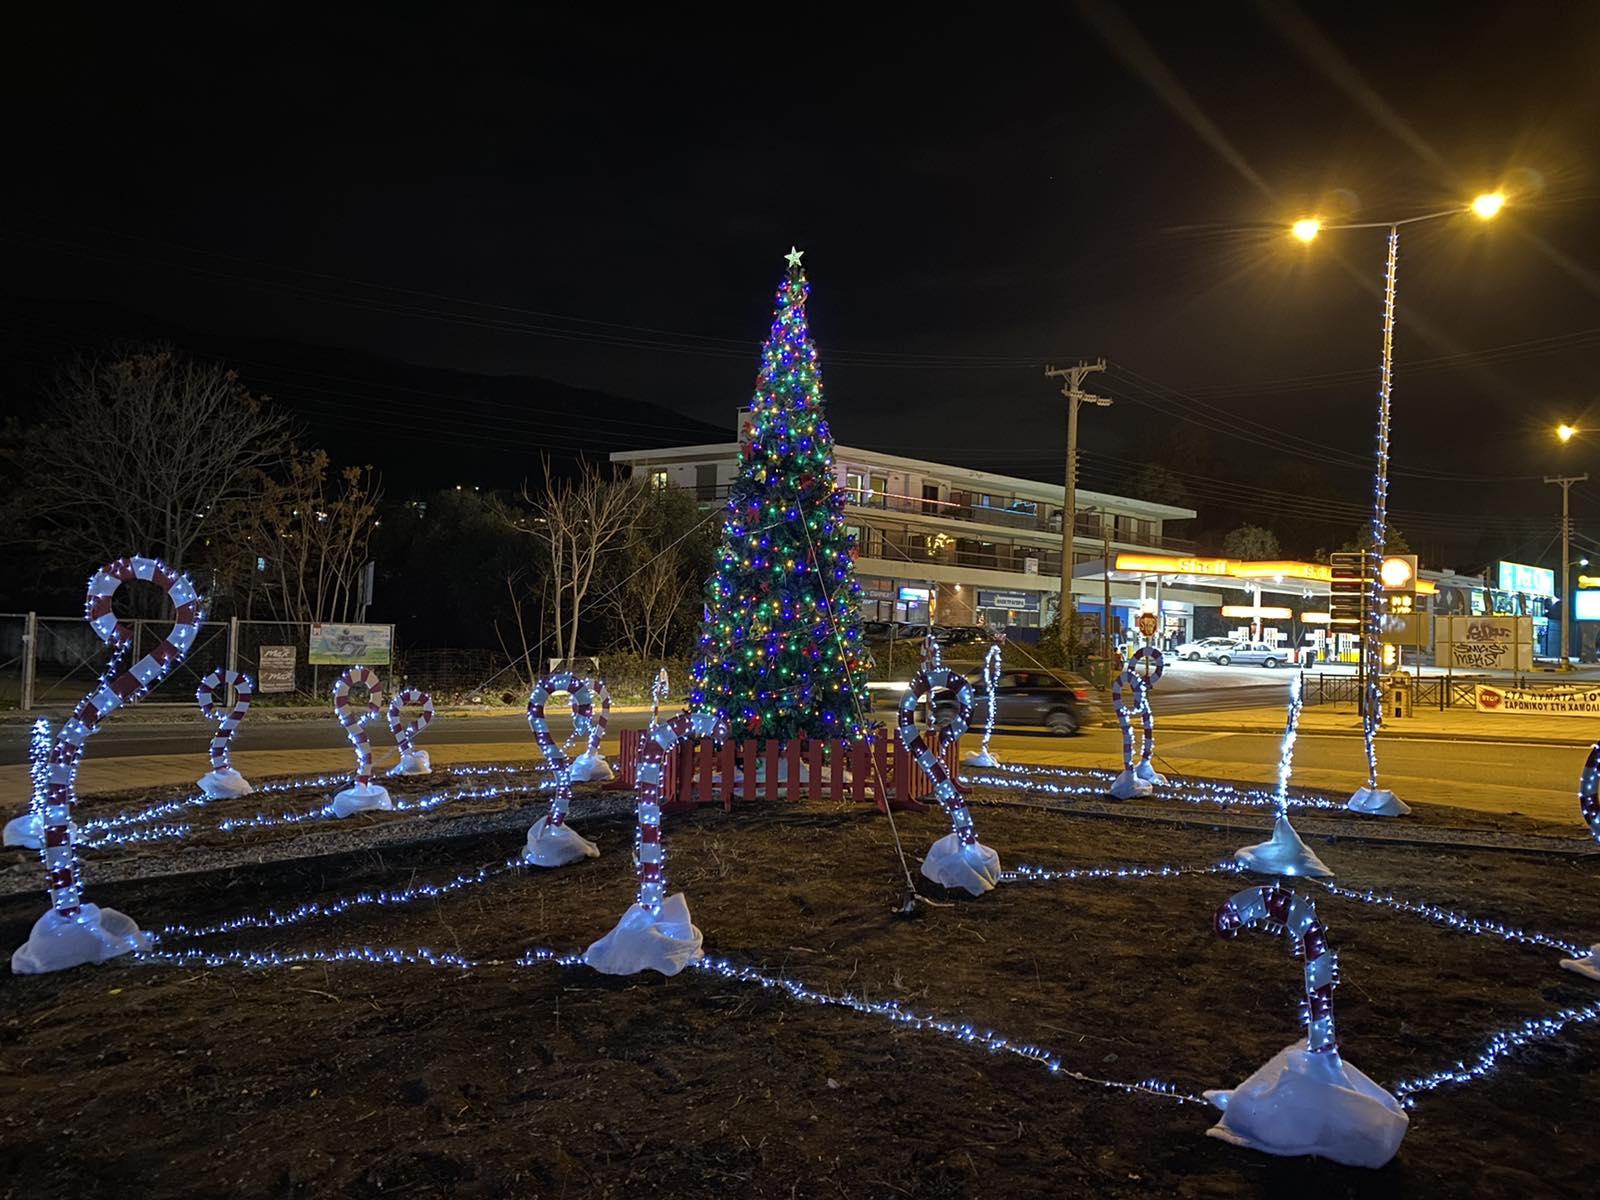 Χριστουγεννιάτικο δέντρο στο ΠΟΡΤΟ ΡΑΦΤΗ 2020